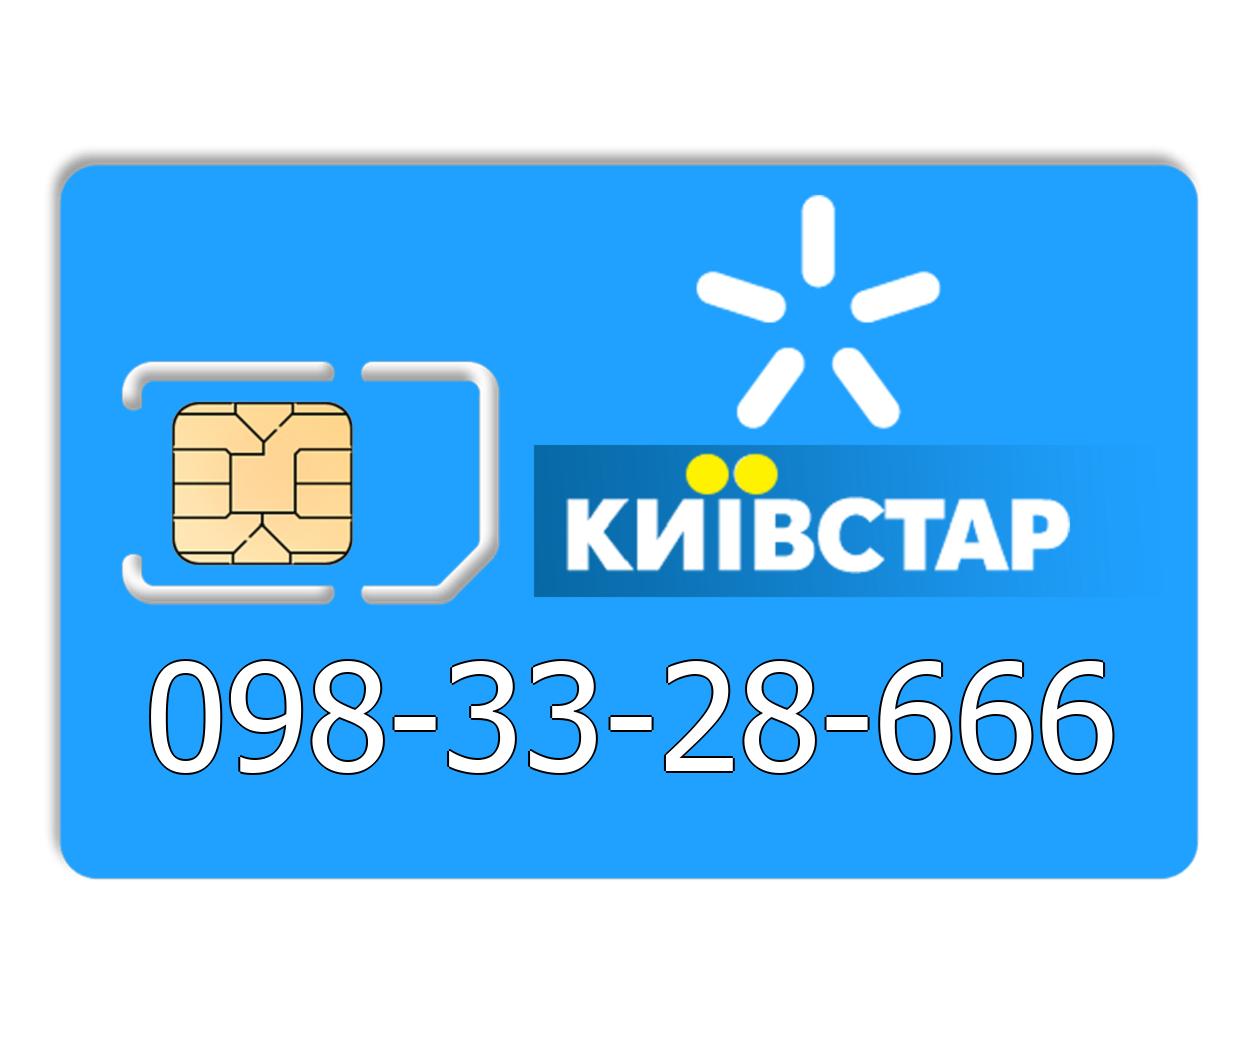 Красивый номер Киевстар 098-33-28-666